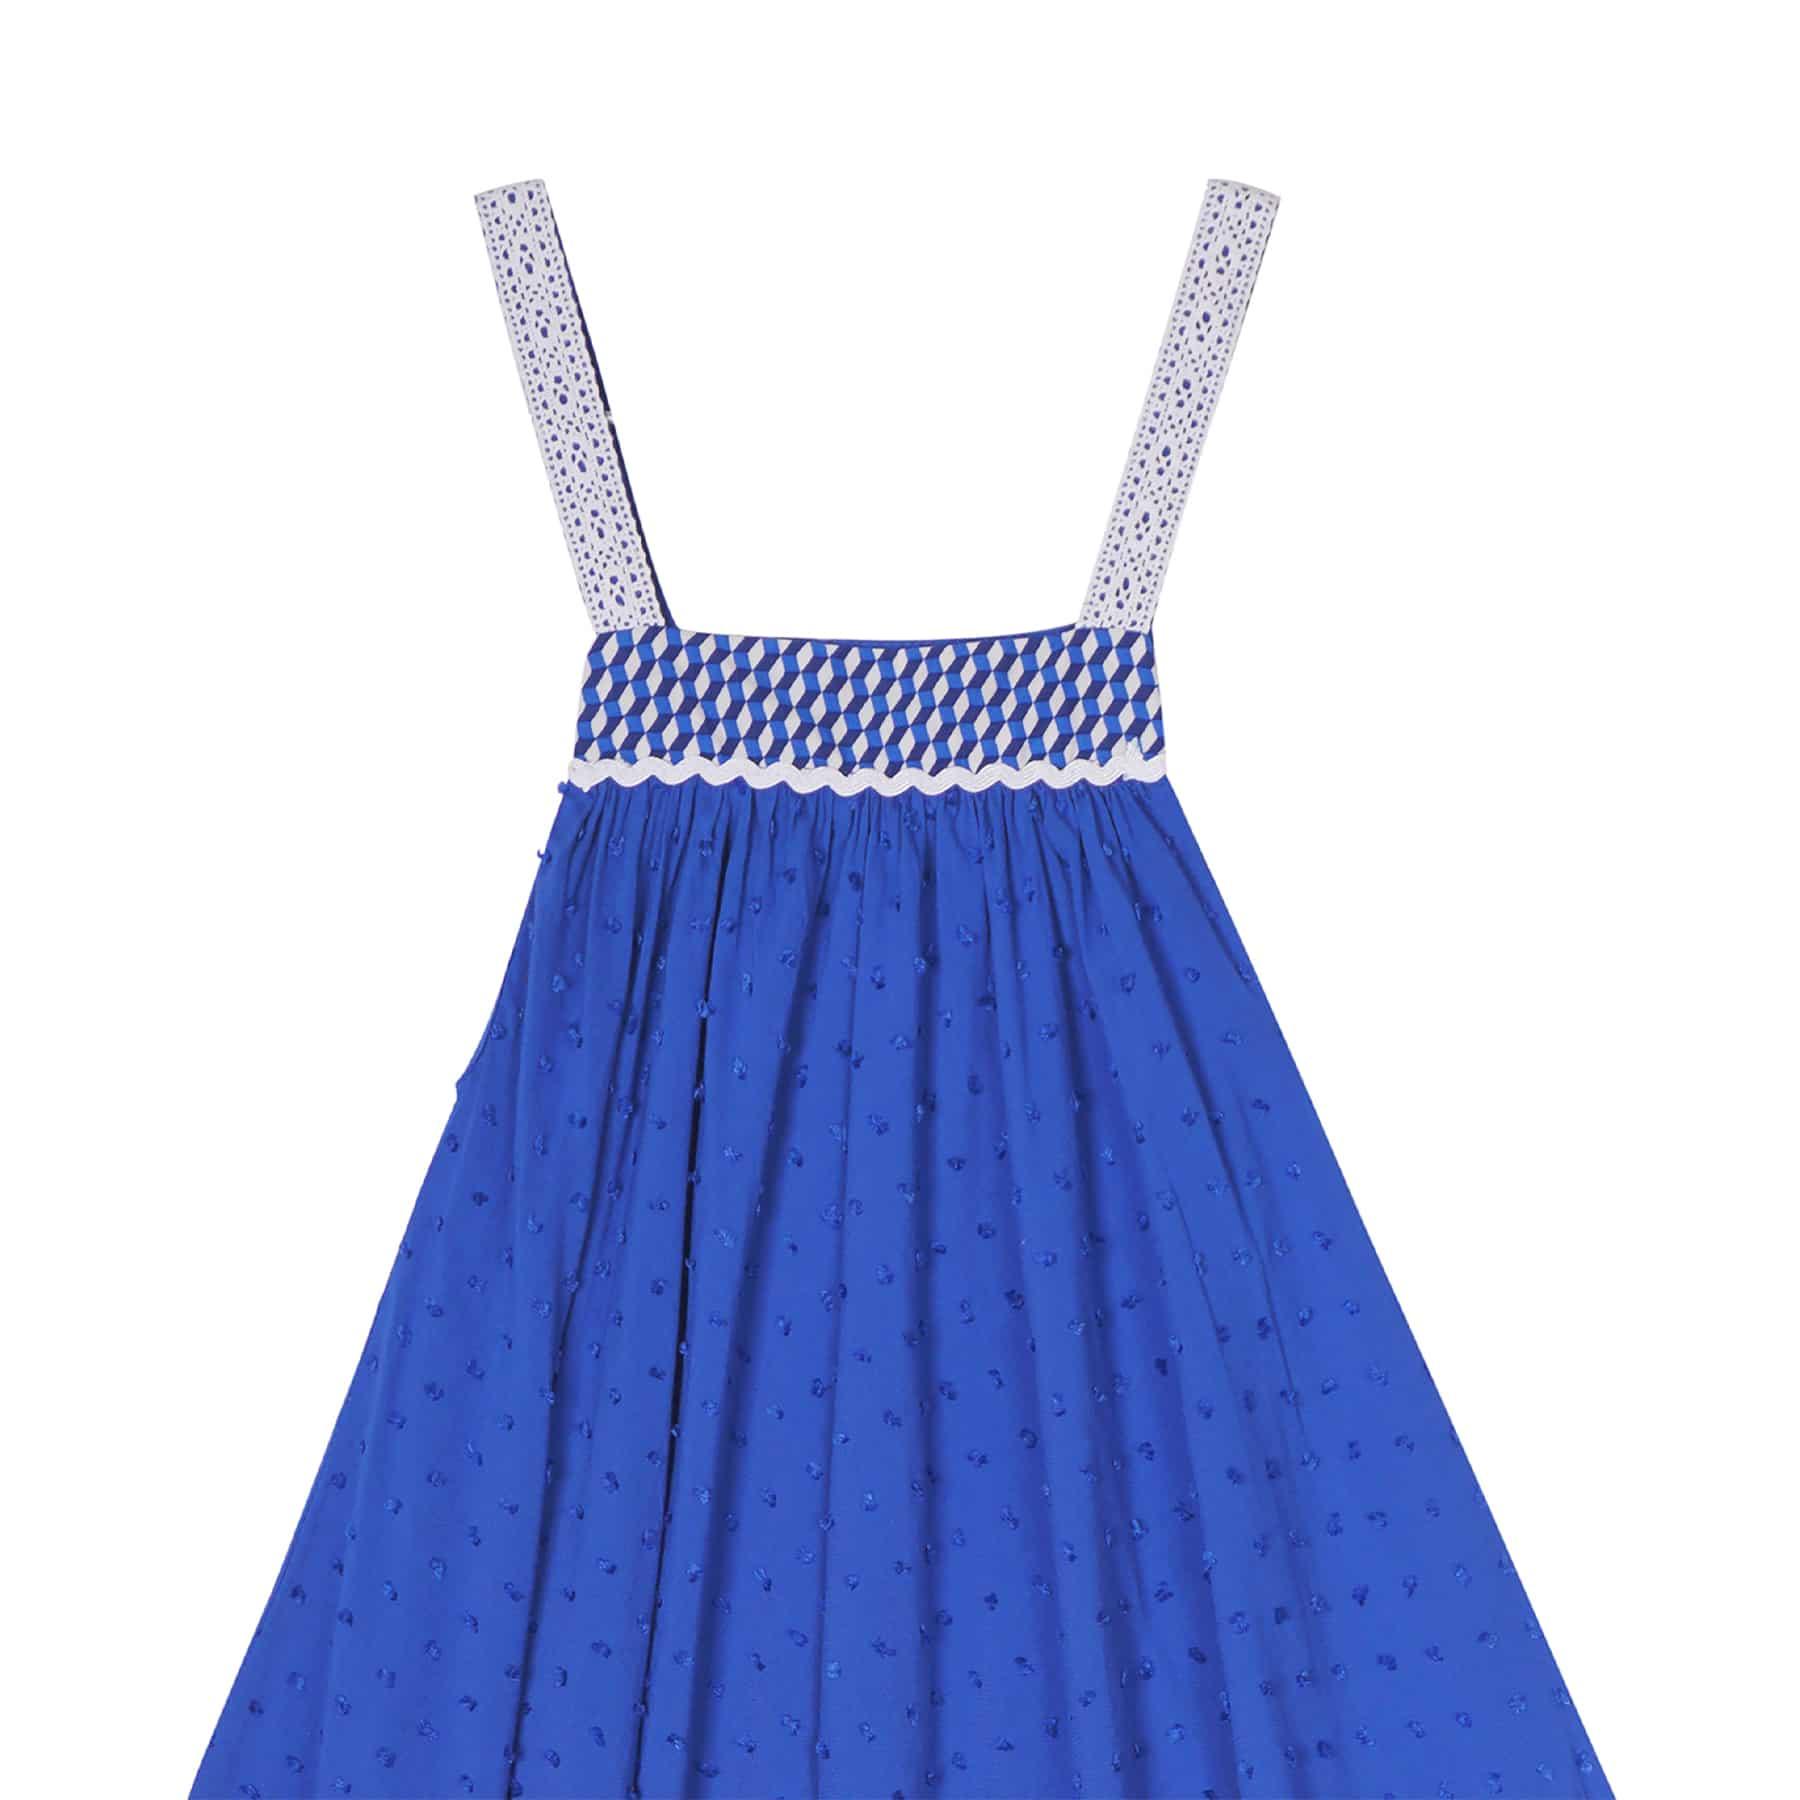 Robe longue en voile de coton bleu roi avec bretelles bordées de dentelle blanche et bustier graphique pour filles de 2 à 14 ans